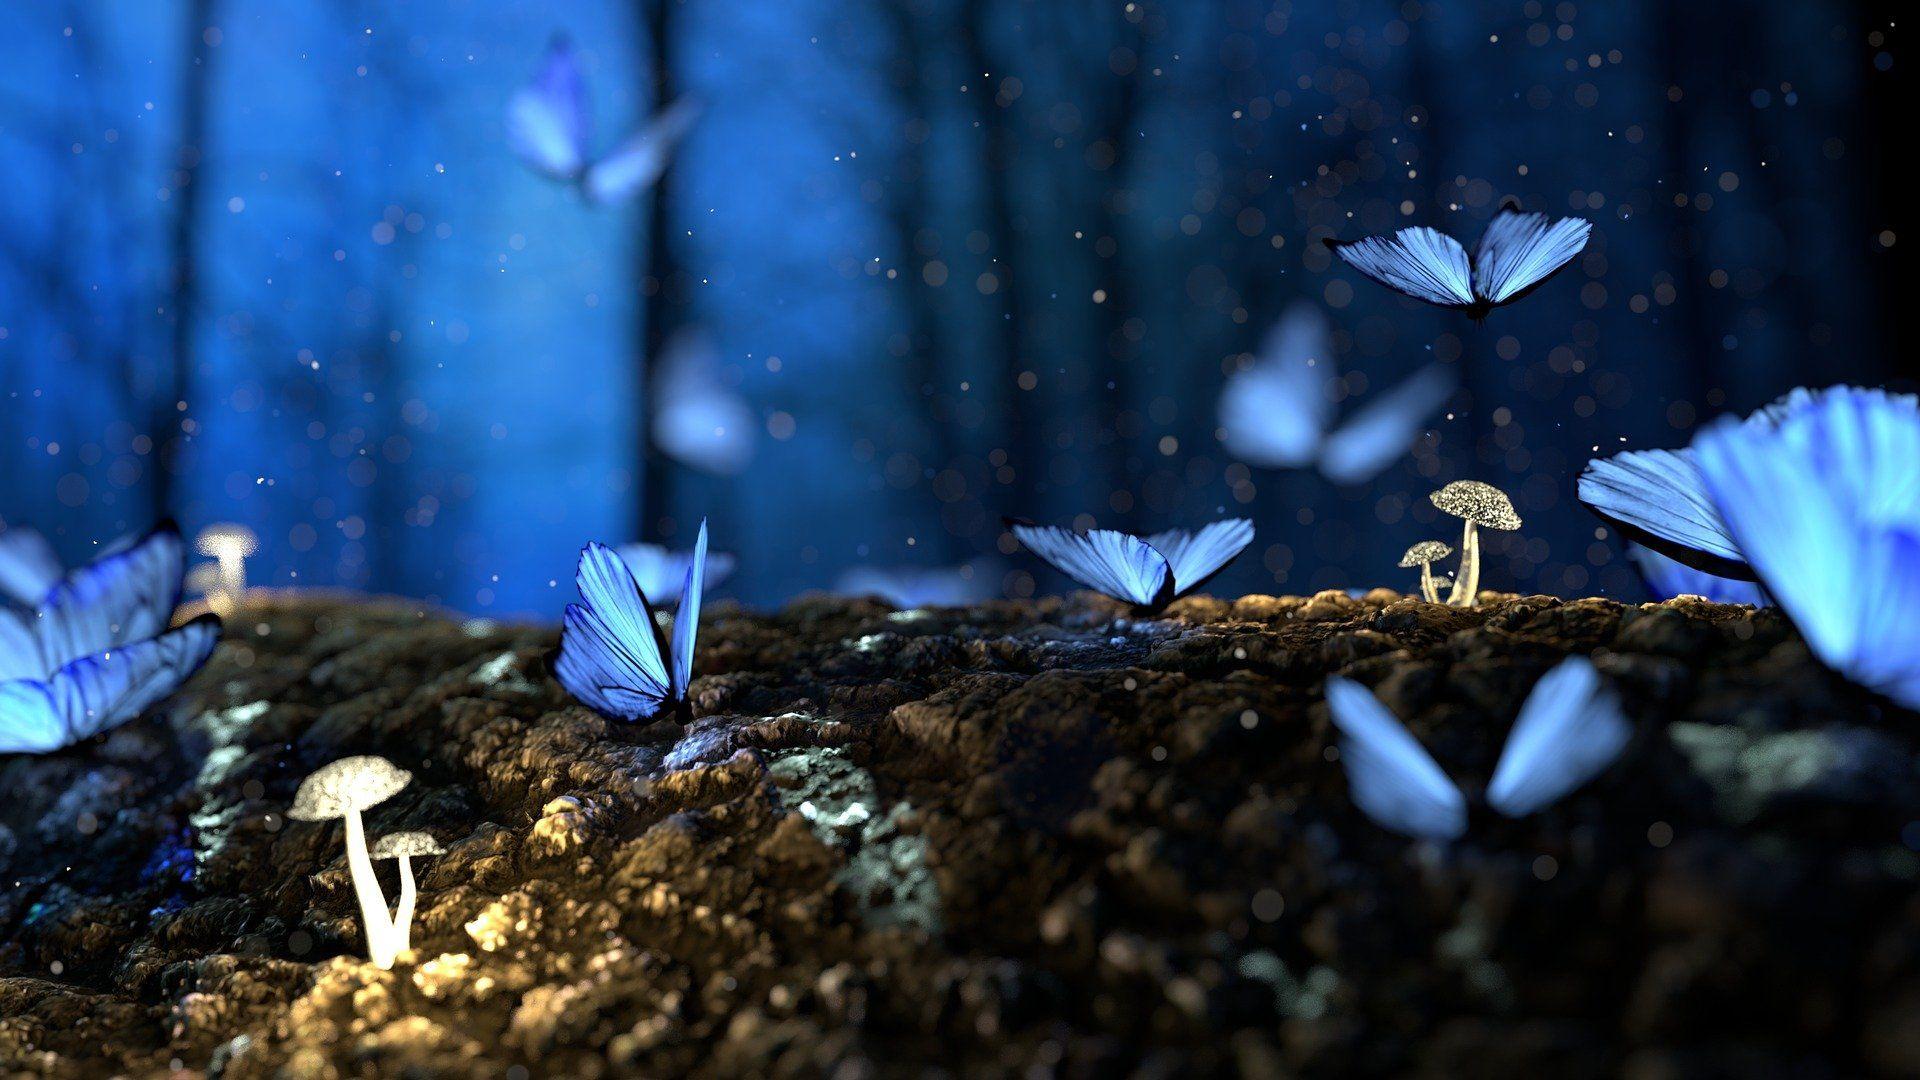 19. týden: Víčka lehká jako motýlí křídla